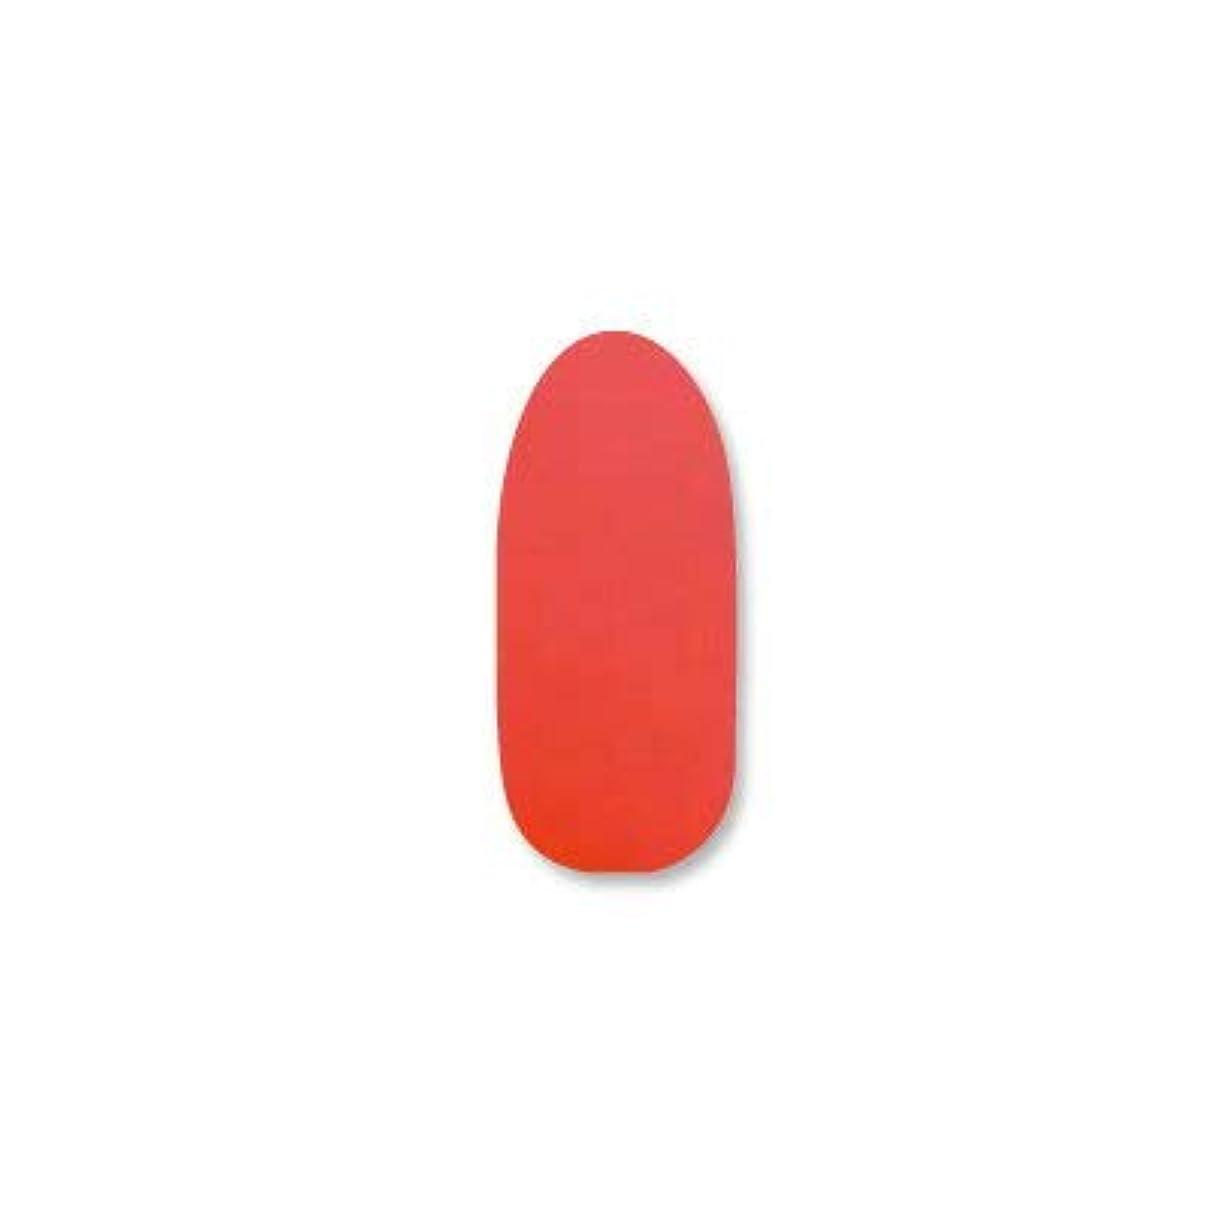 バッグ青要求するT-GEL COLLECTION カラージェル D046 ルミナスレッド 4ml